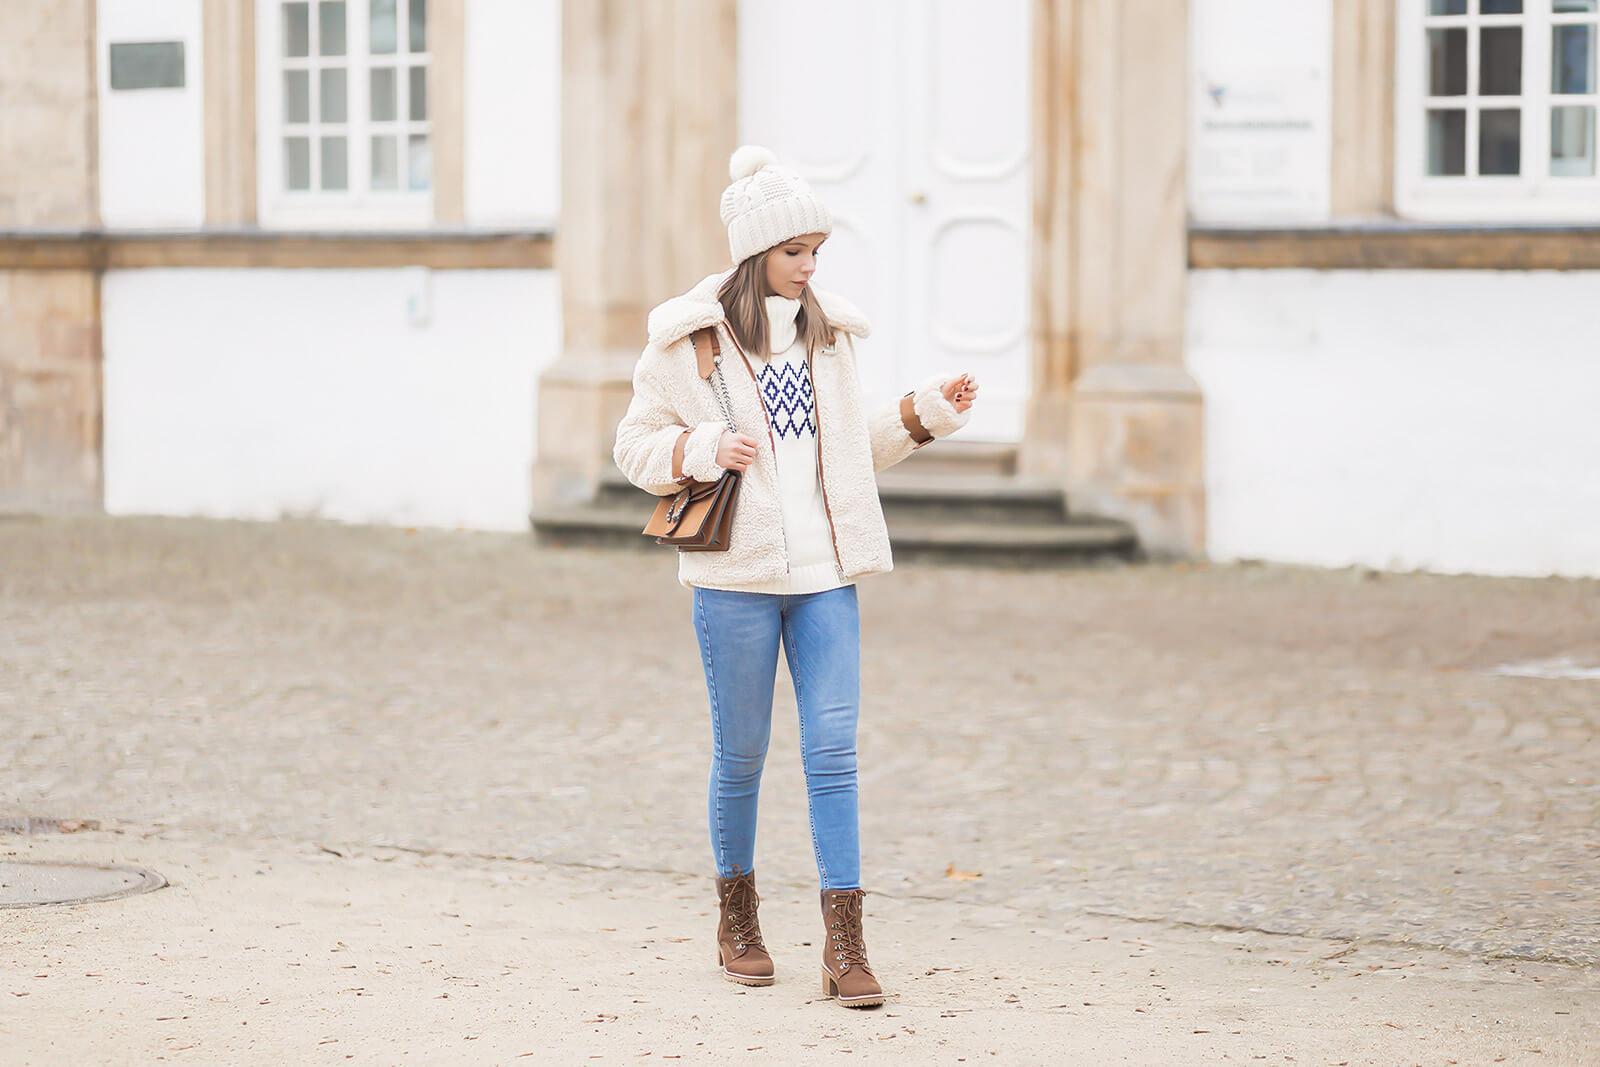 Teddy-Fleece richtig stylen im Winter, Teddyjacke kombinieren, Schnürstiefeletten, Shoelove by Deichmann